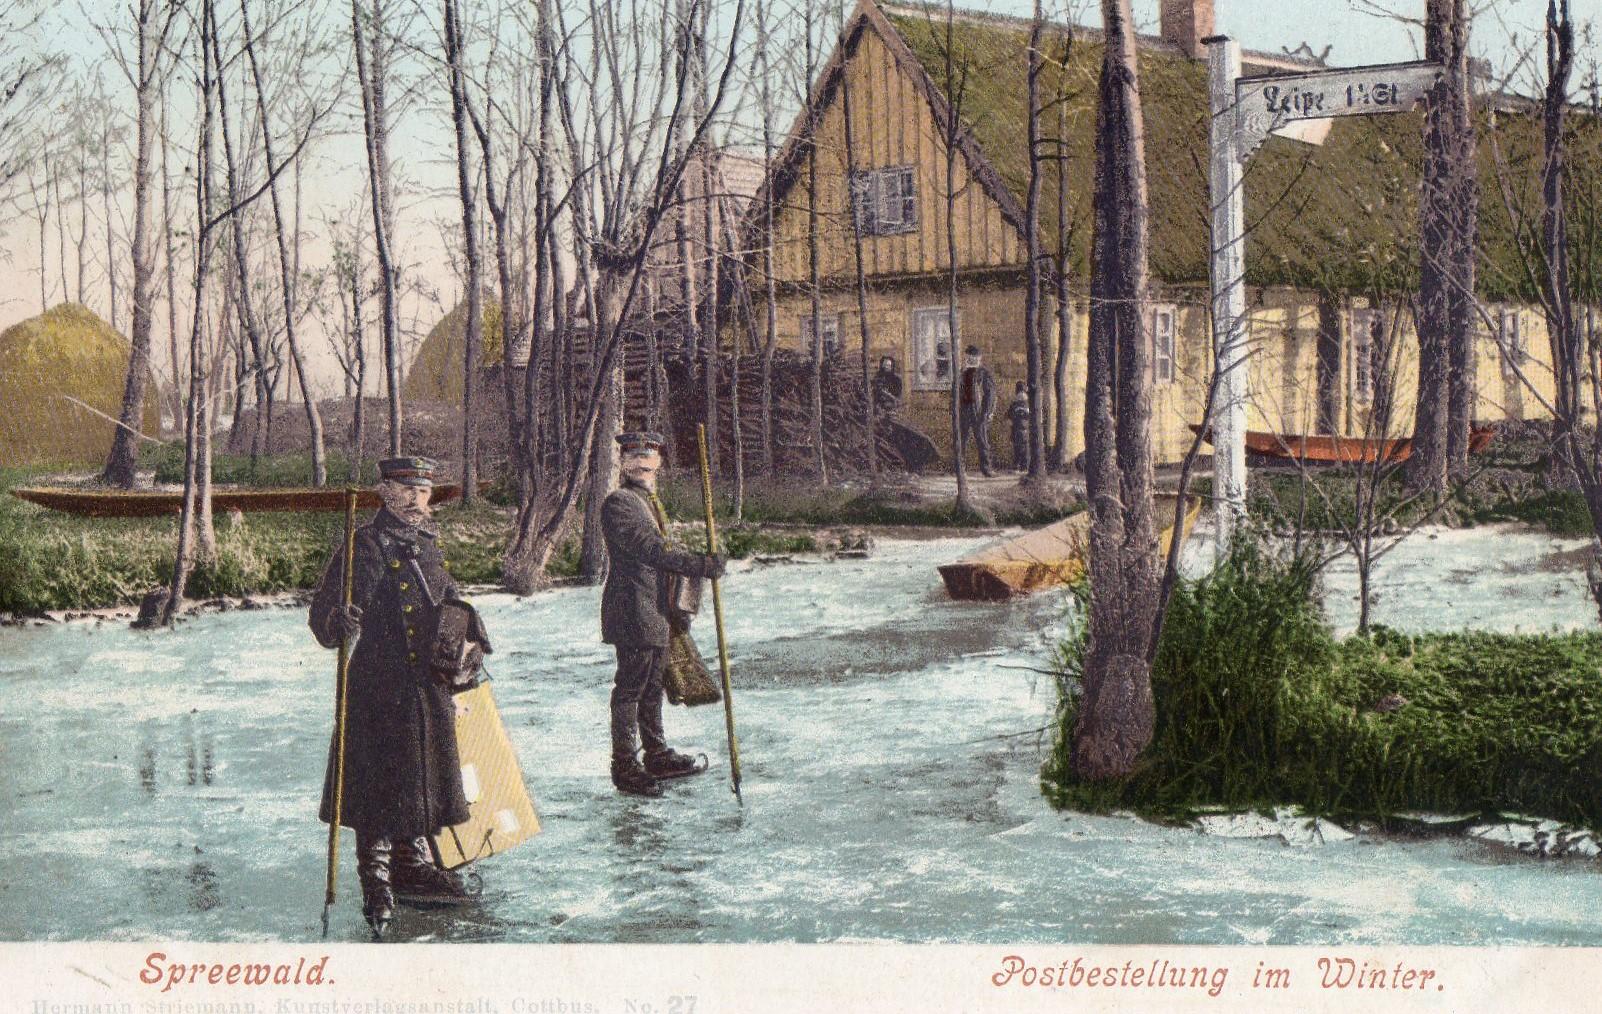 Eistäbe und 2 Männer in Uniformen